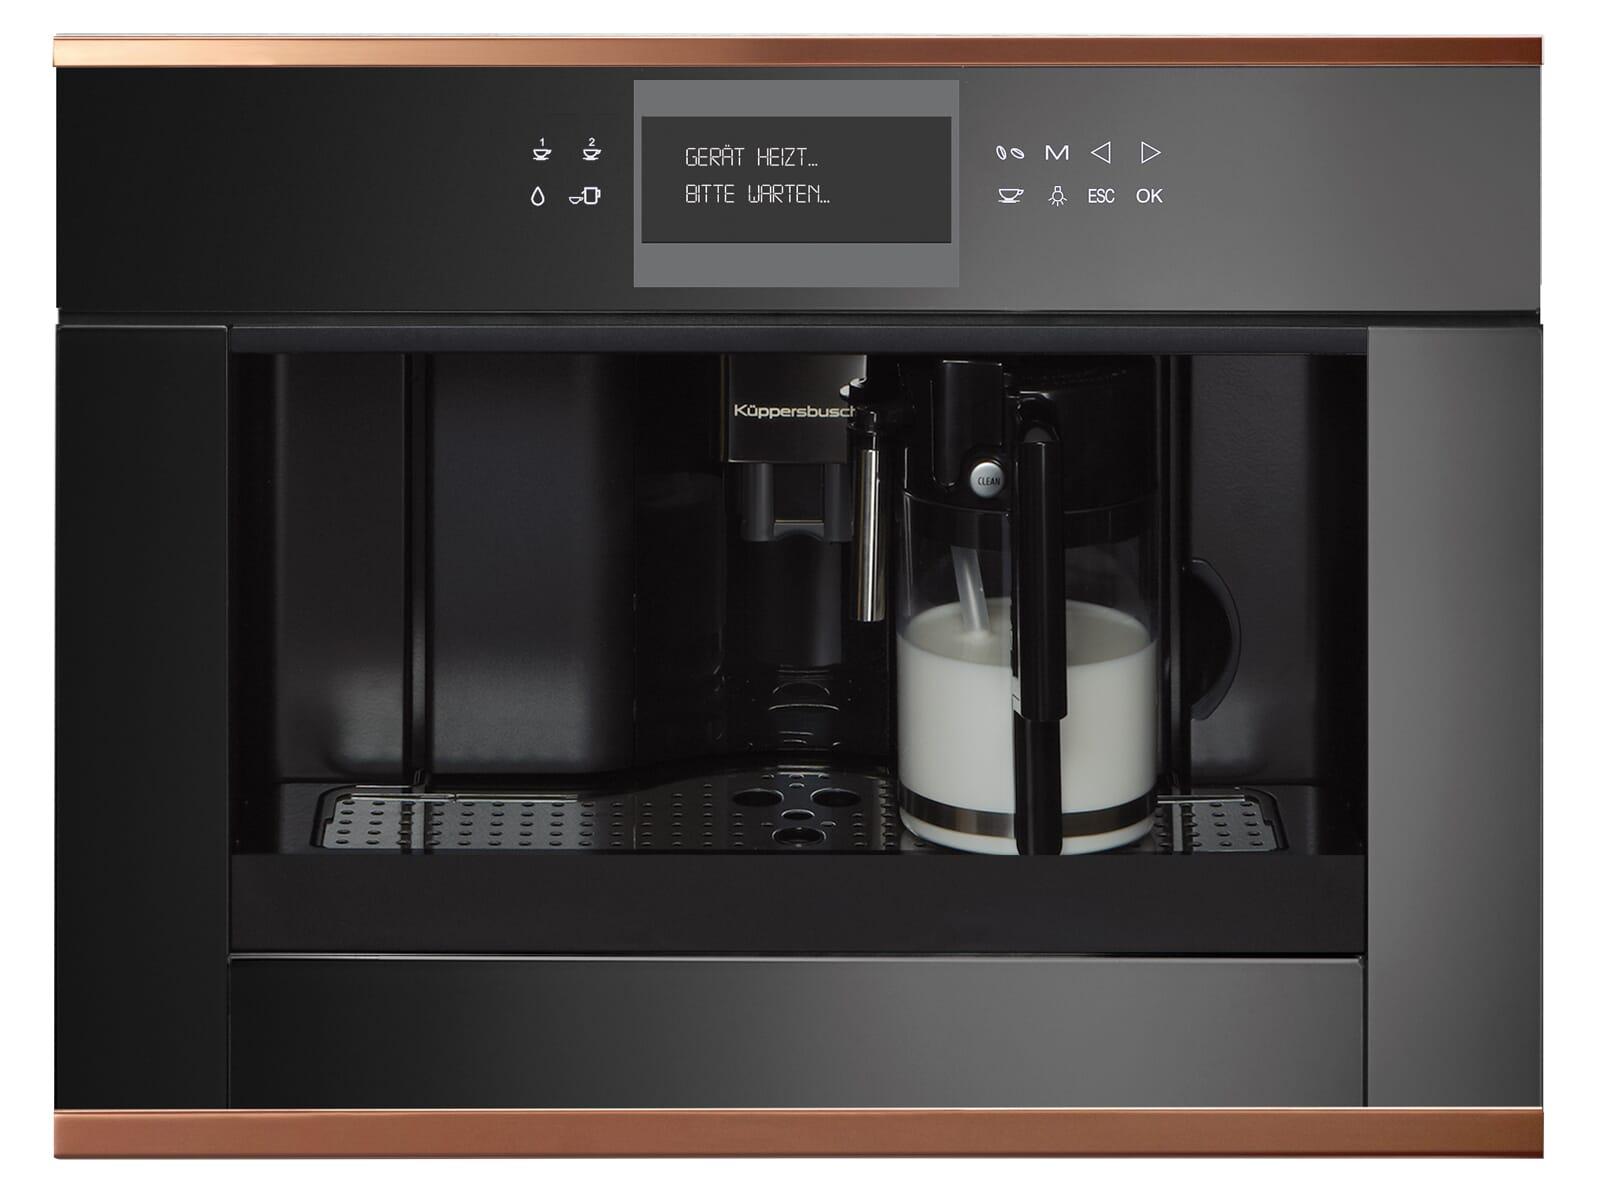 Küppersbusch CKV 6550.0 S7 K-Series. 5 Einbau-Espresso-/Kaffeevollautomat Schwarz/Copper